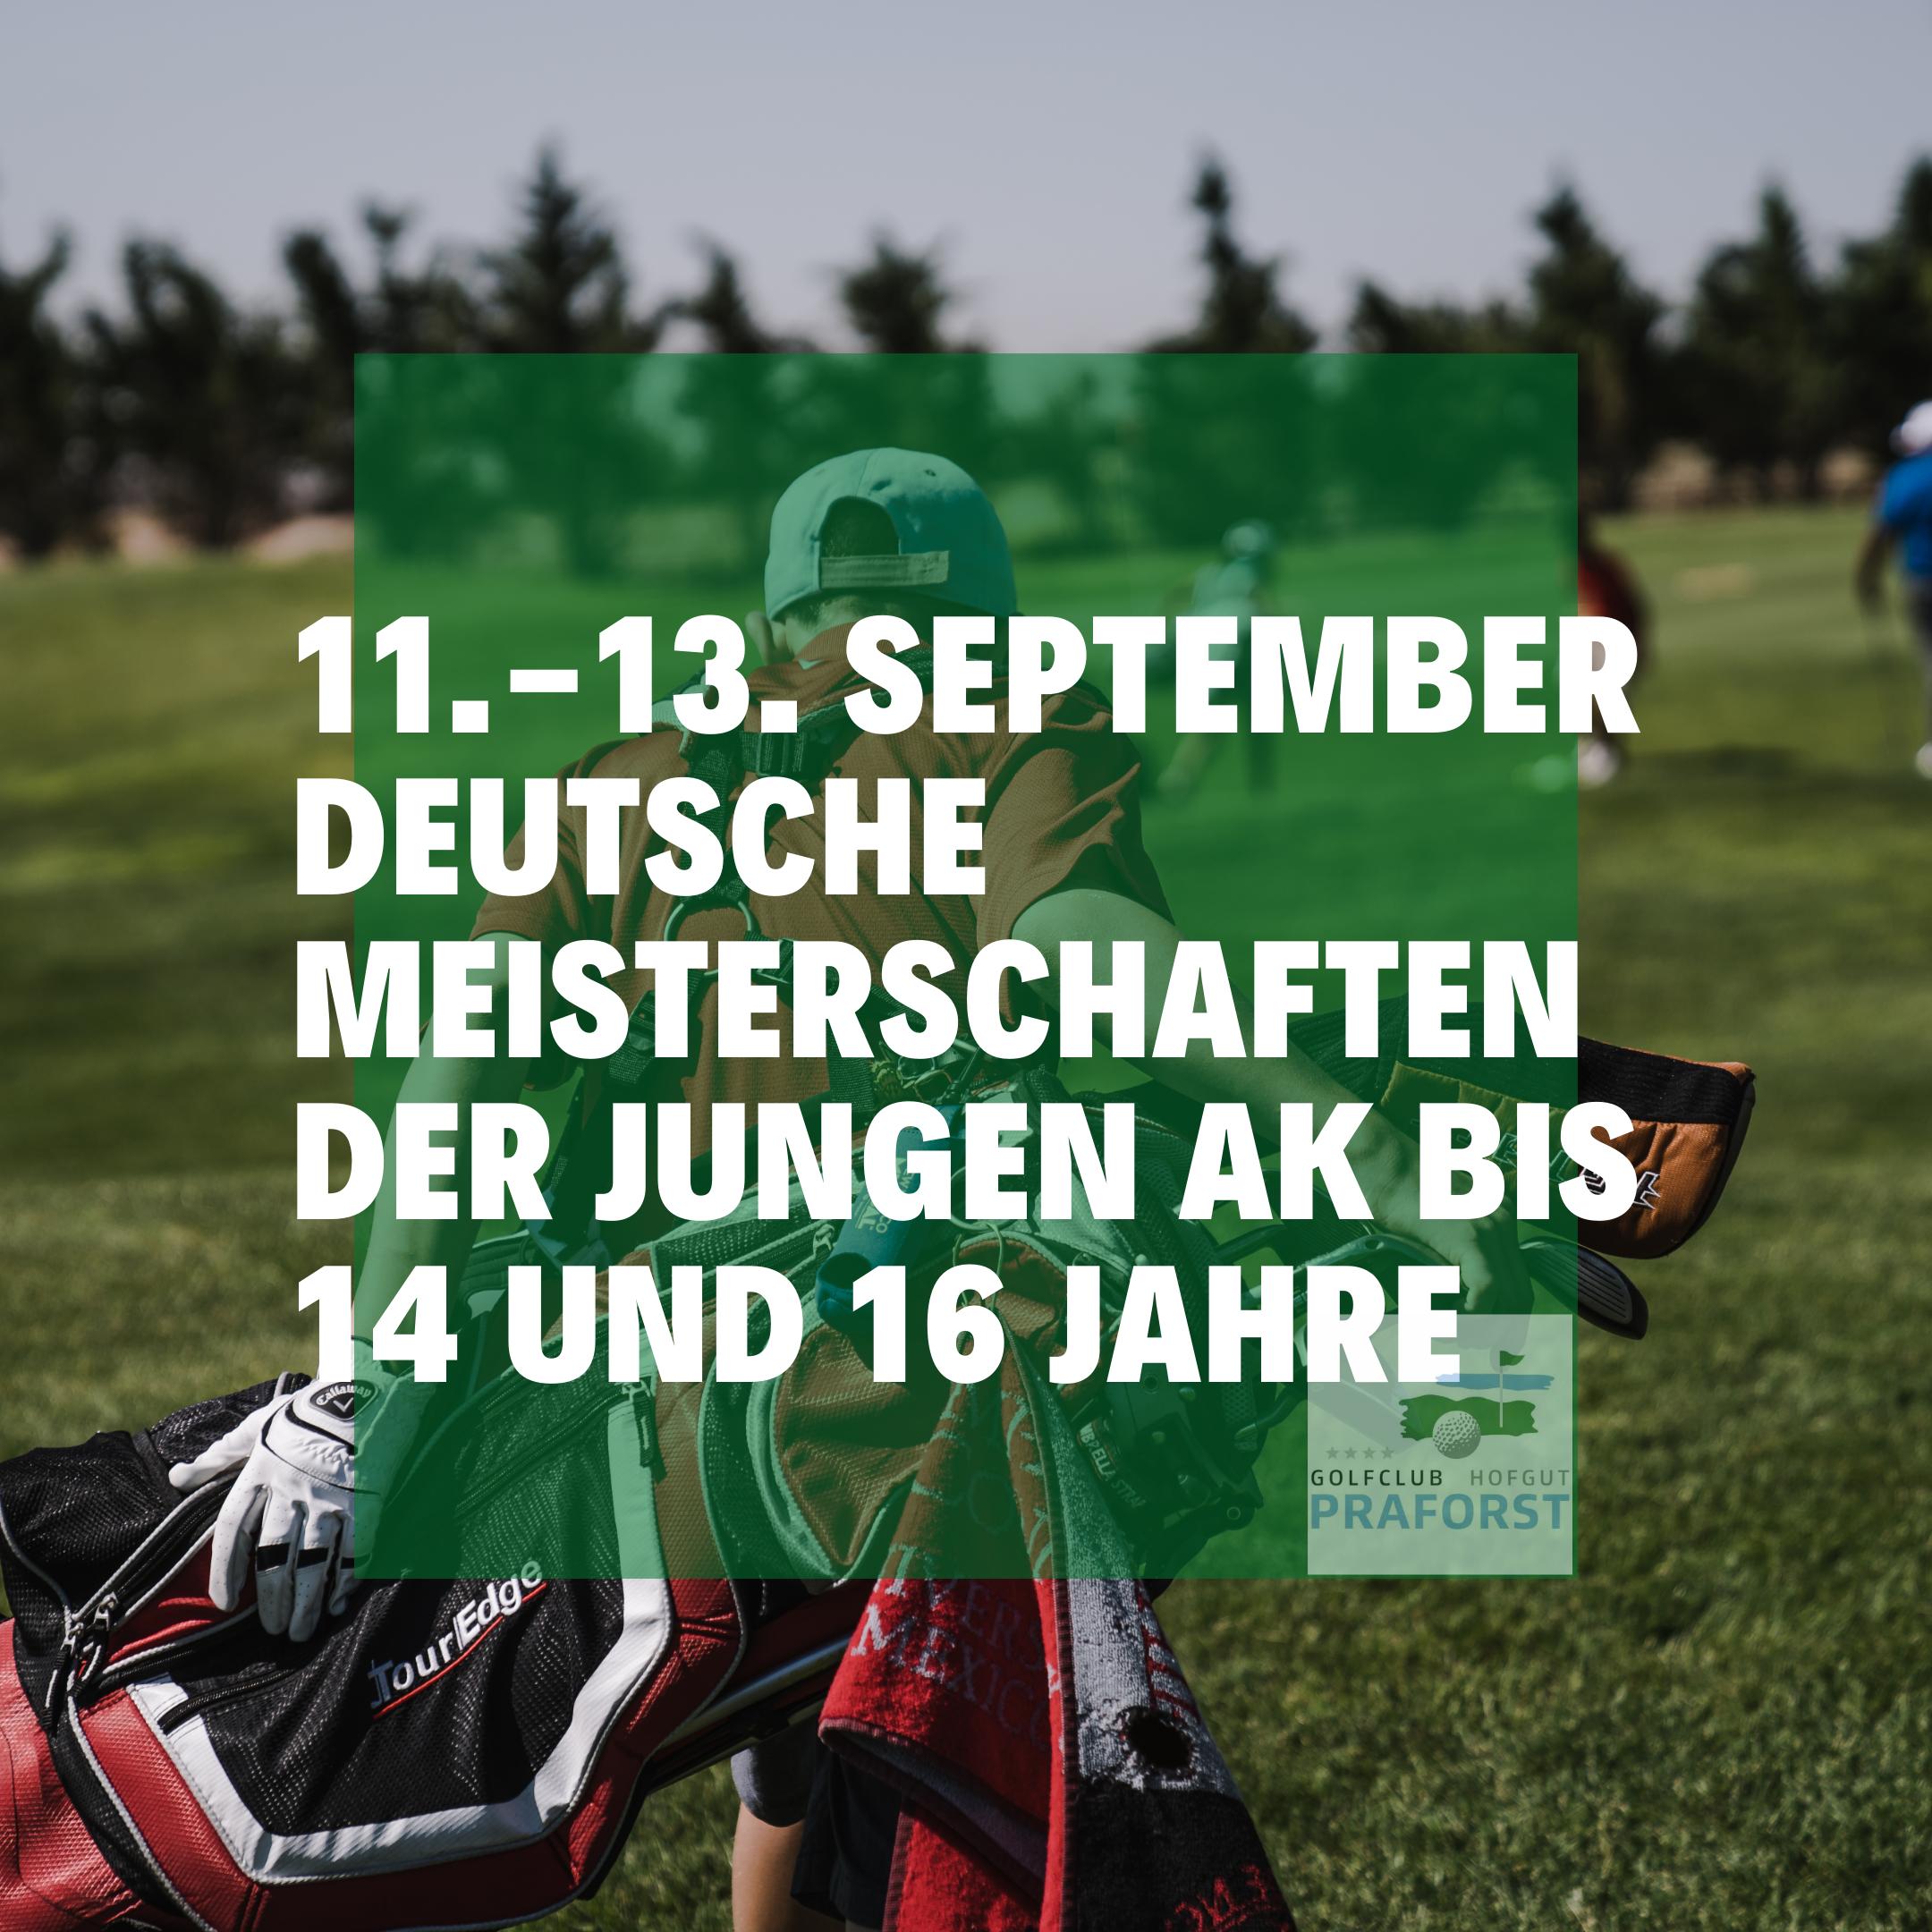 DGV Deutsche Meisterschaften DM 2020 im Golfclub Praforst